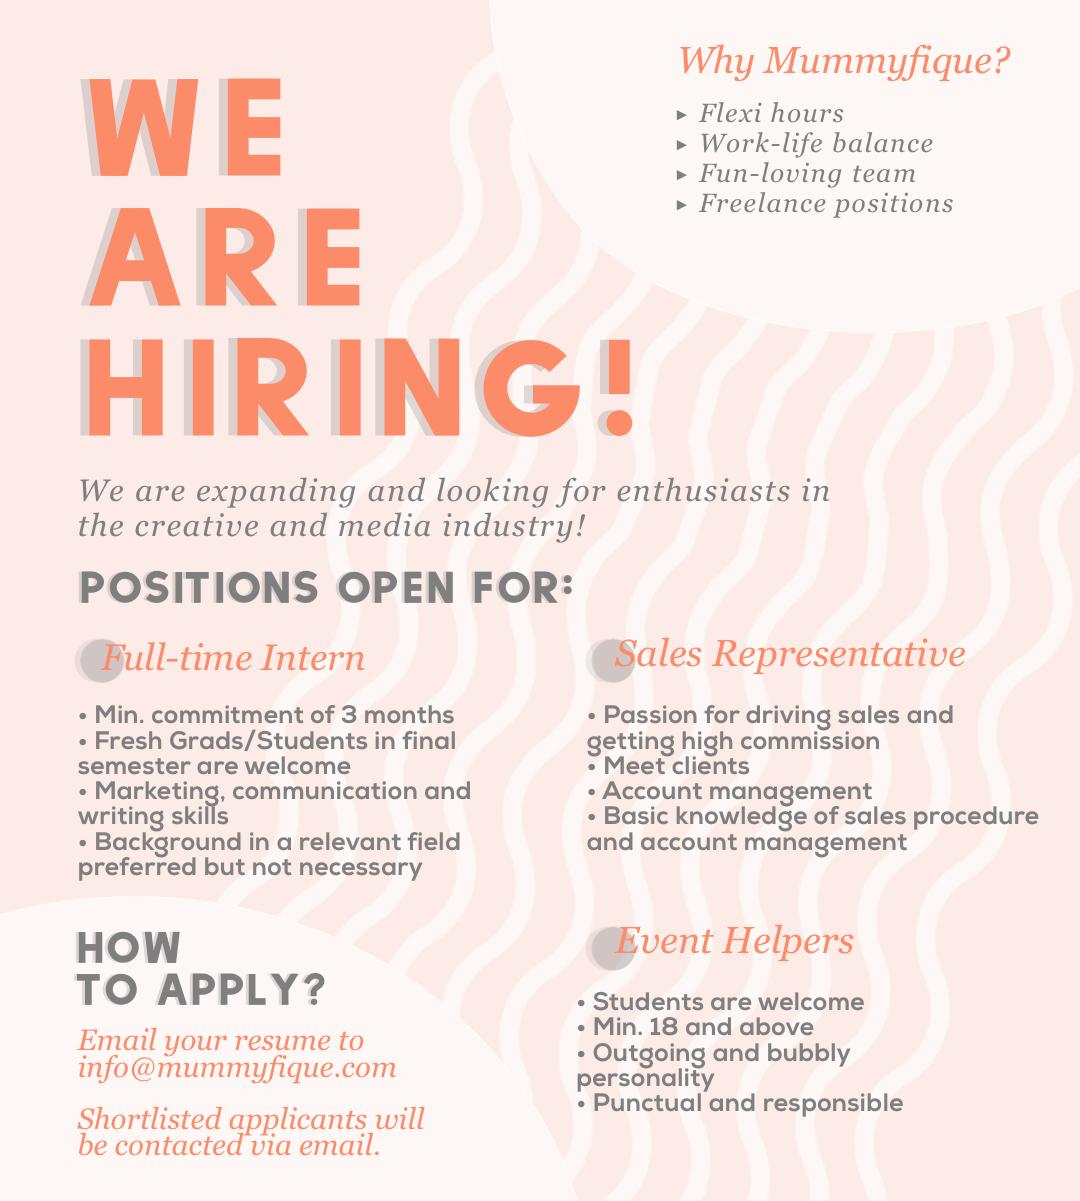 Mummyfique – We are hiring